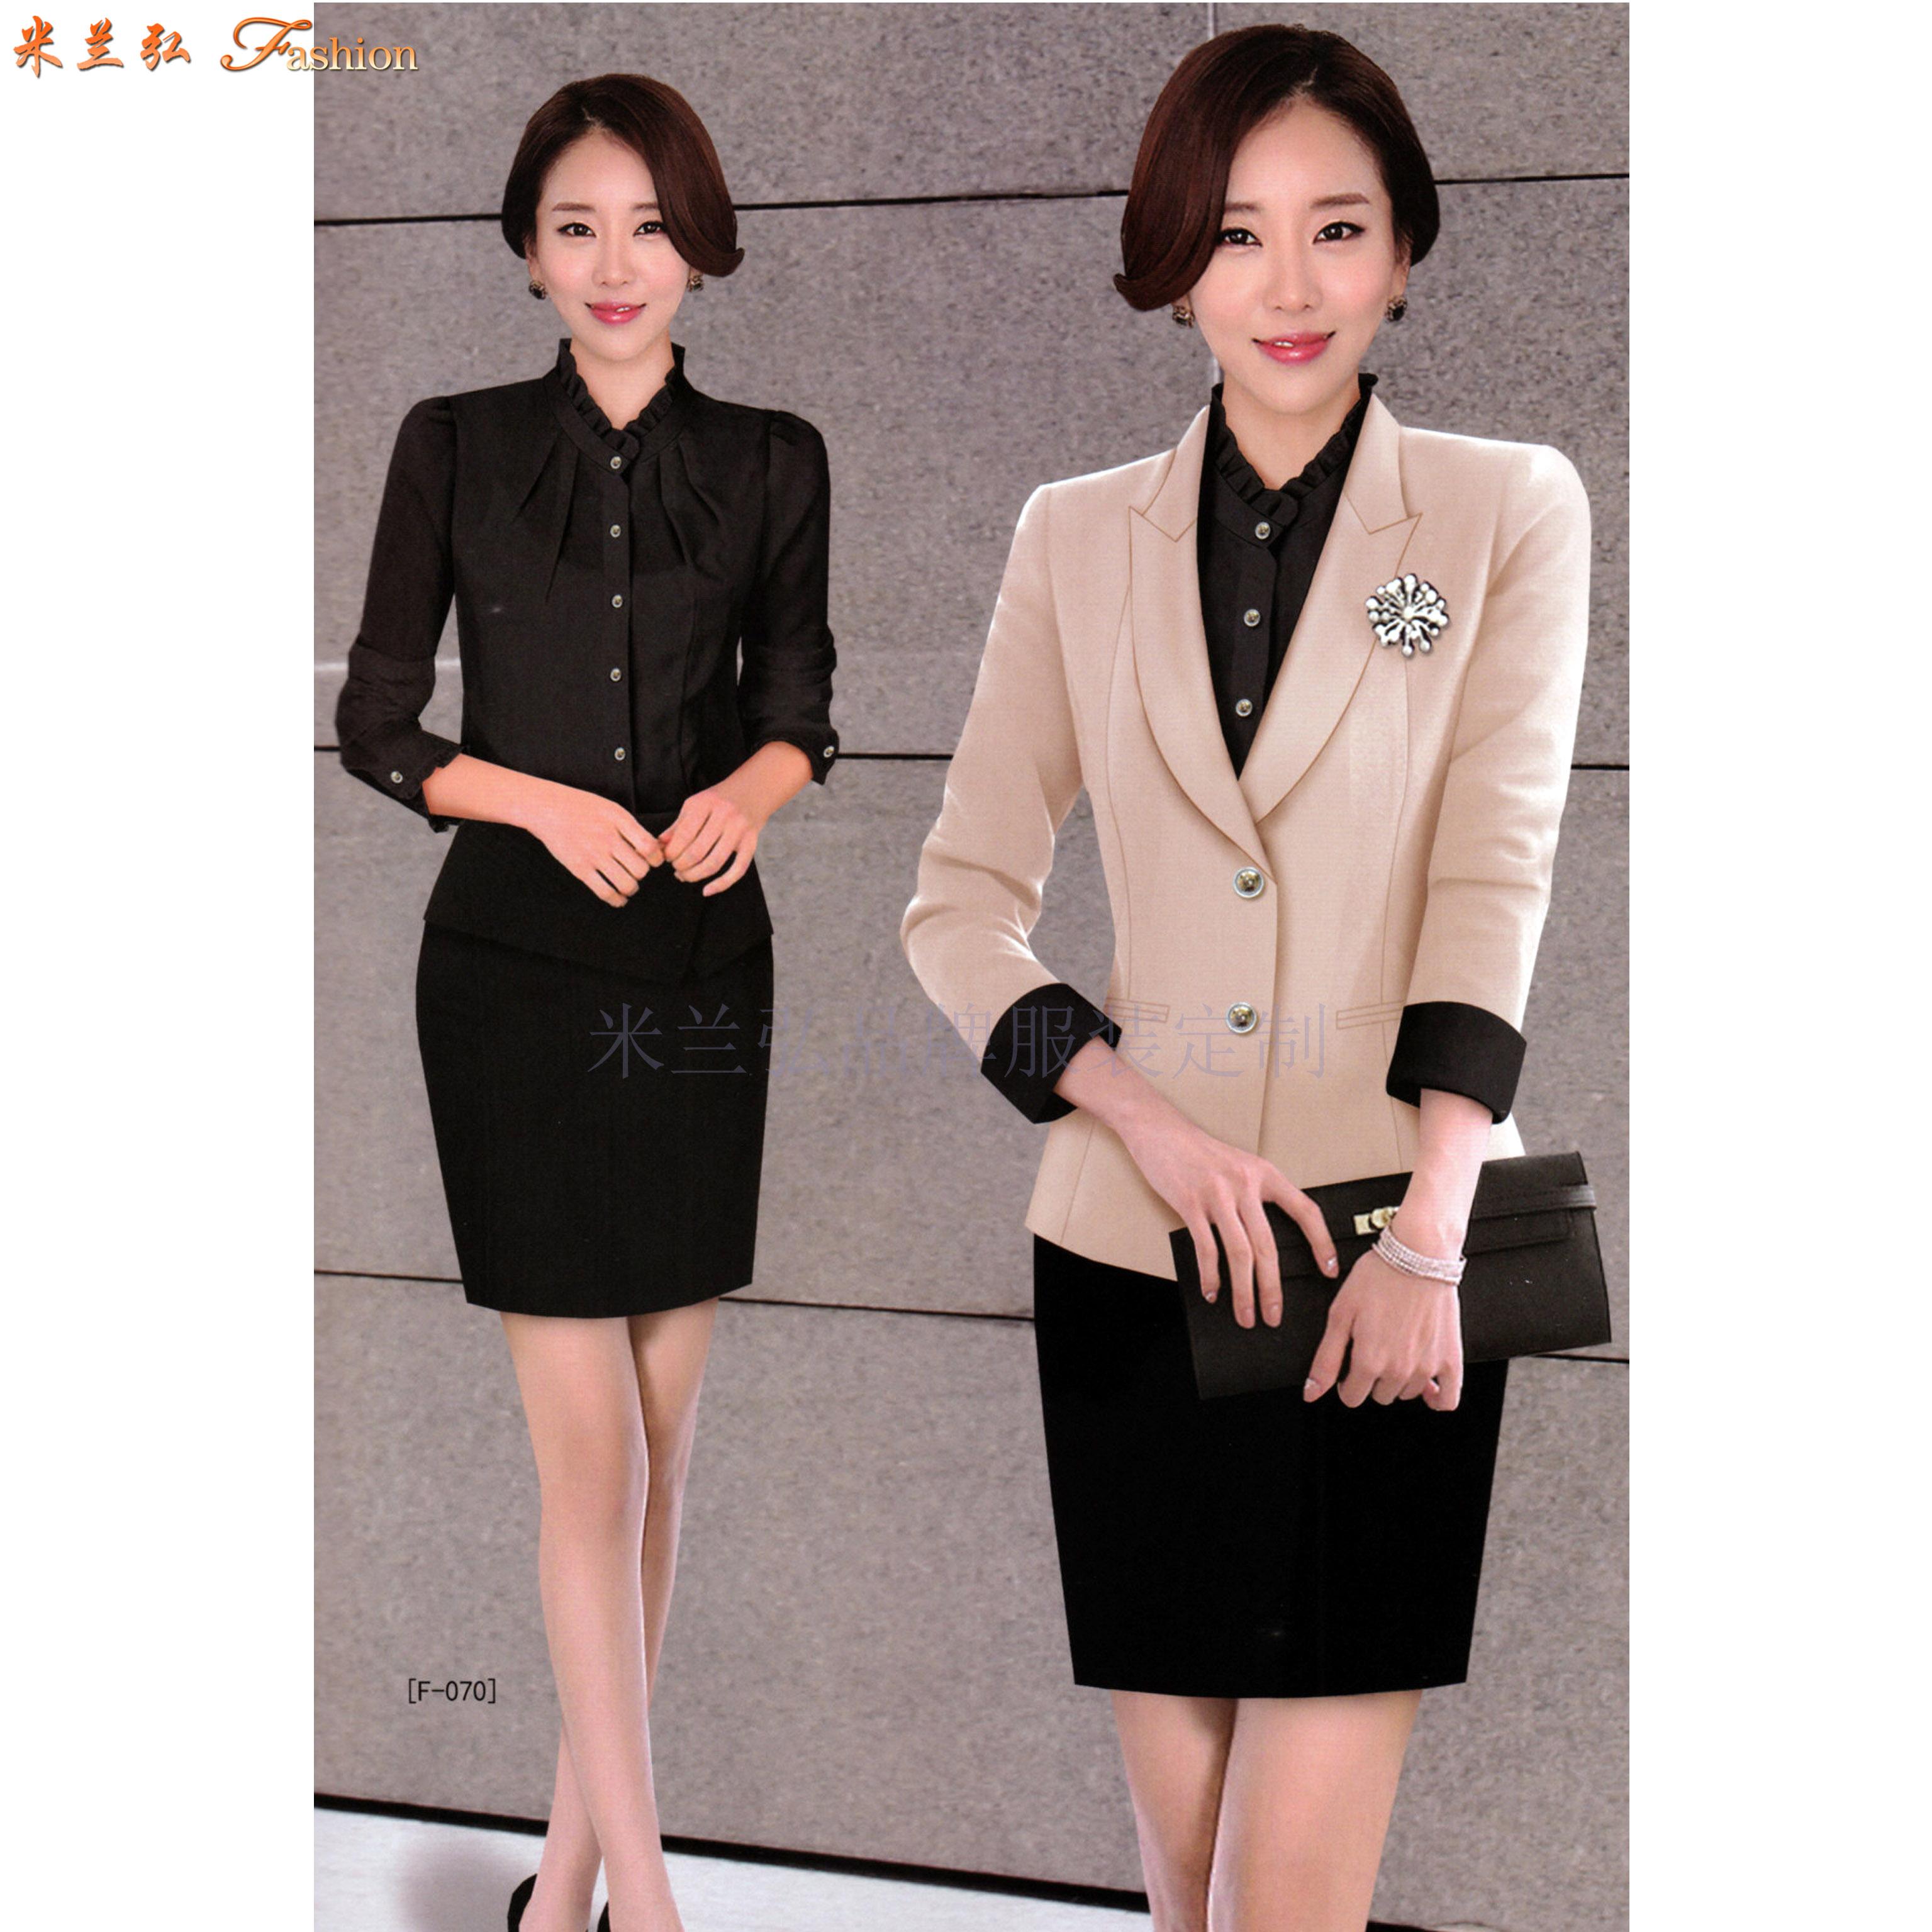 「聊城市職業裝」聊城市量身定做OL女式職業裝-米蘭弘服裝-4